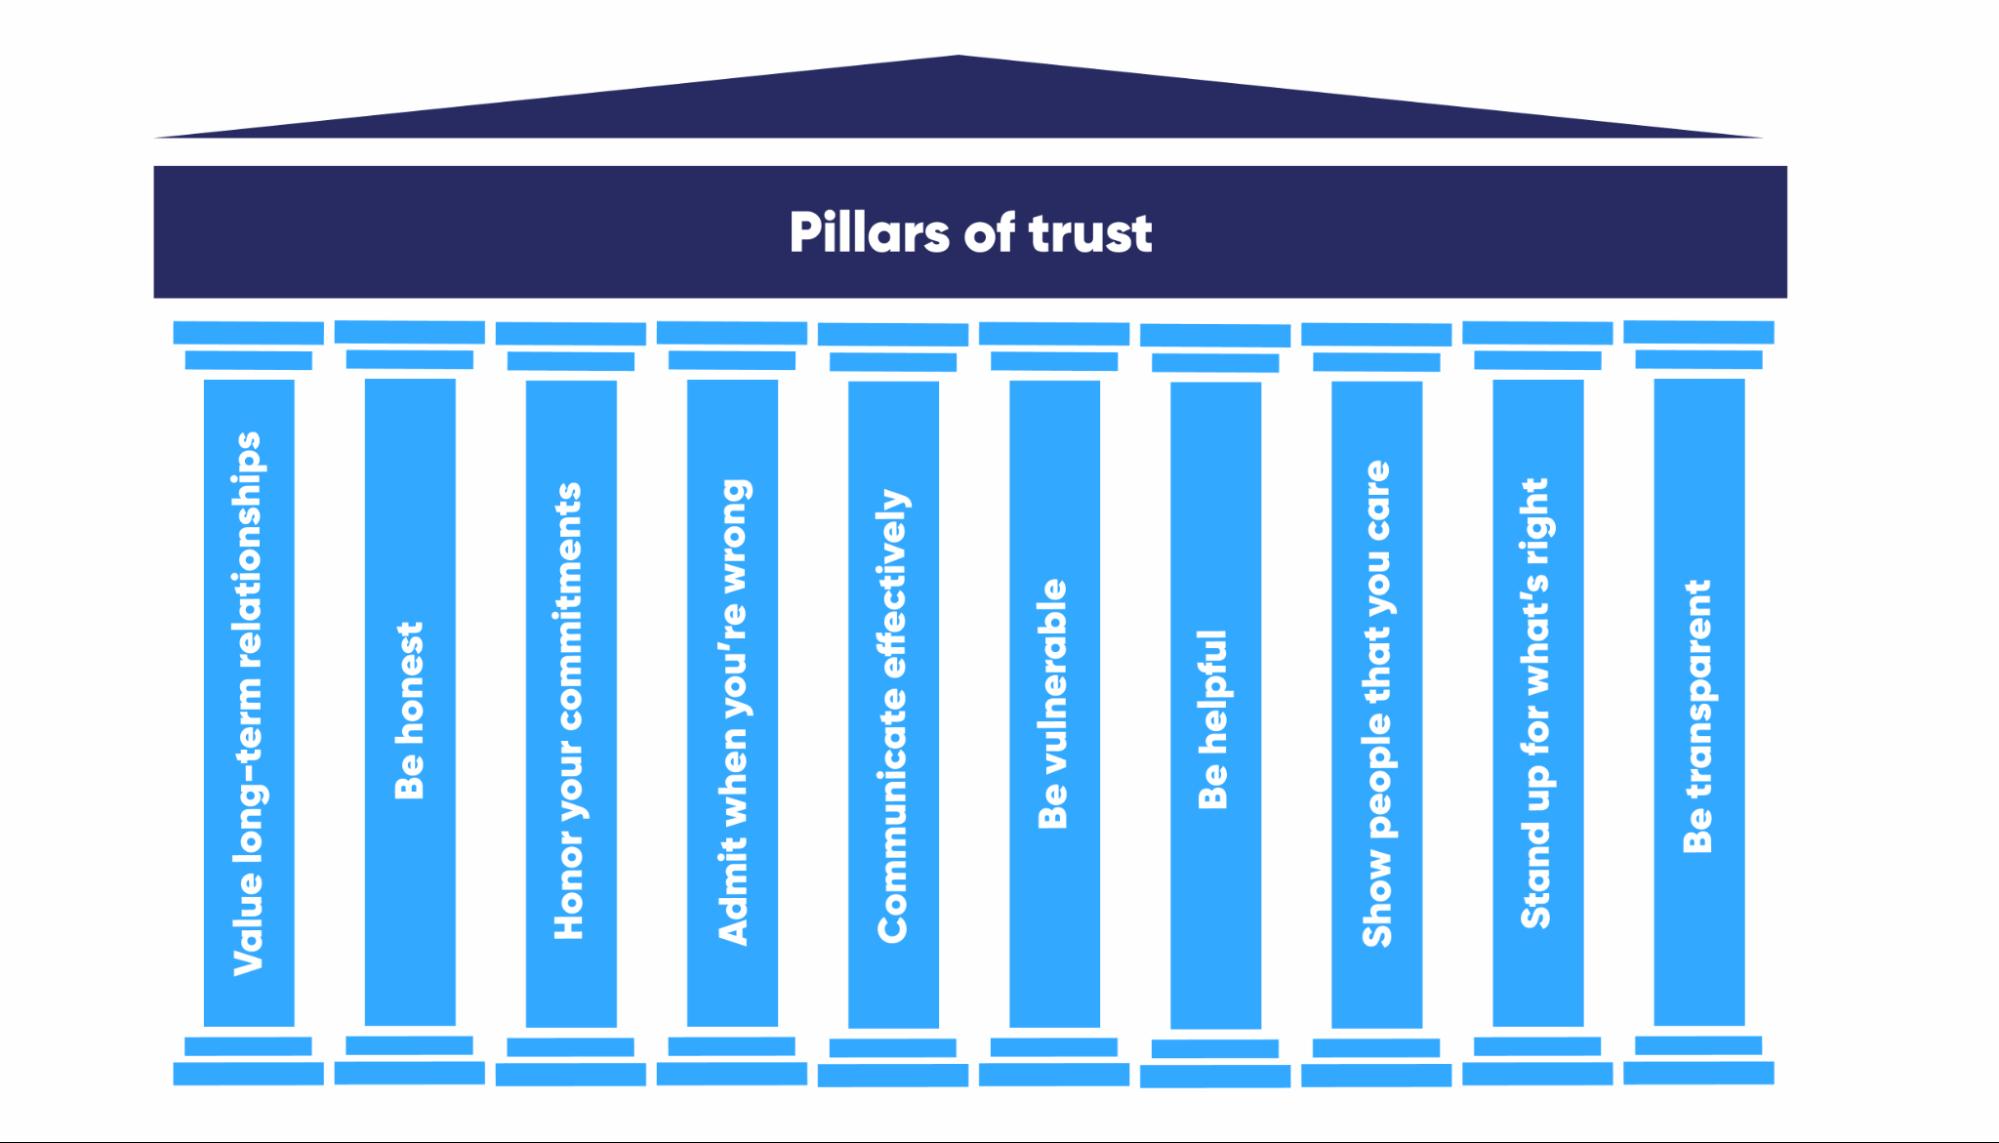 pillars-of-trust-how-to-build-trust